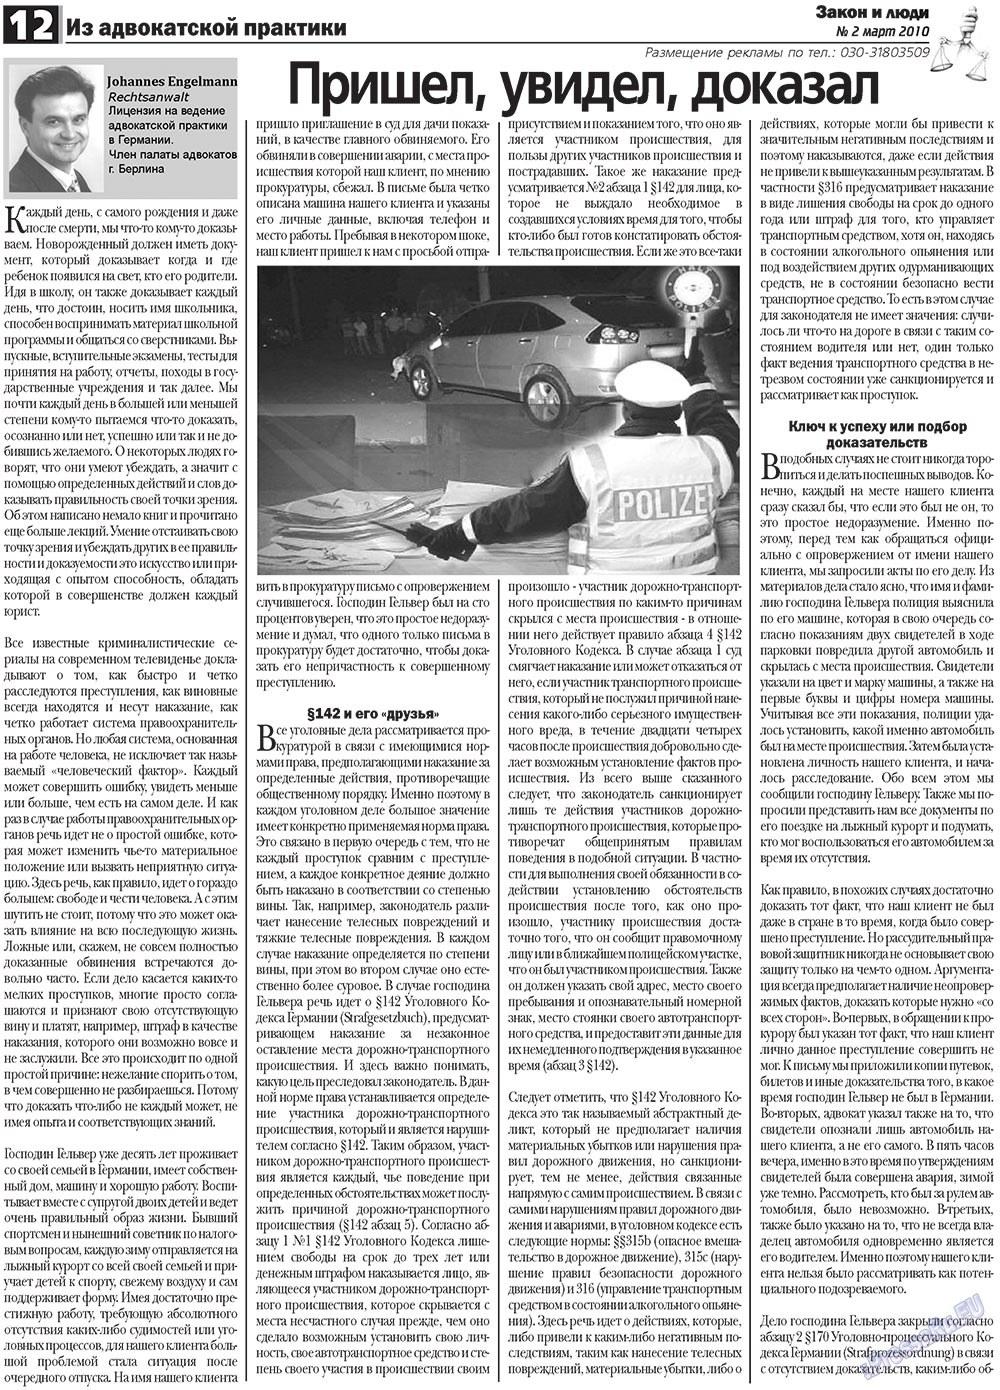 Закон и люди (газета). 2010 год, номер 2, стр. 12